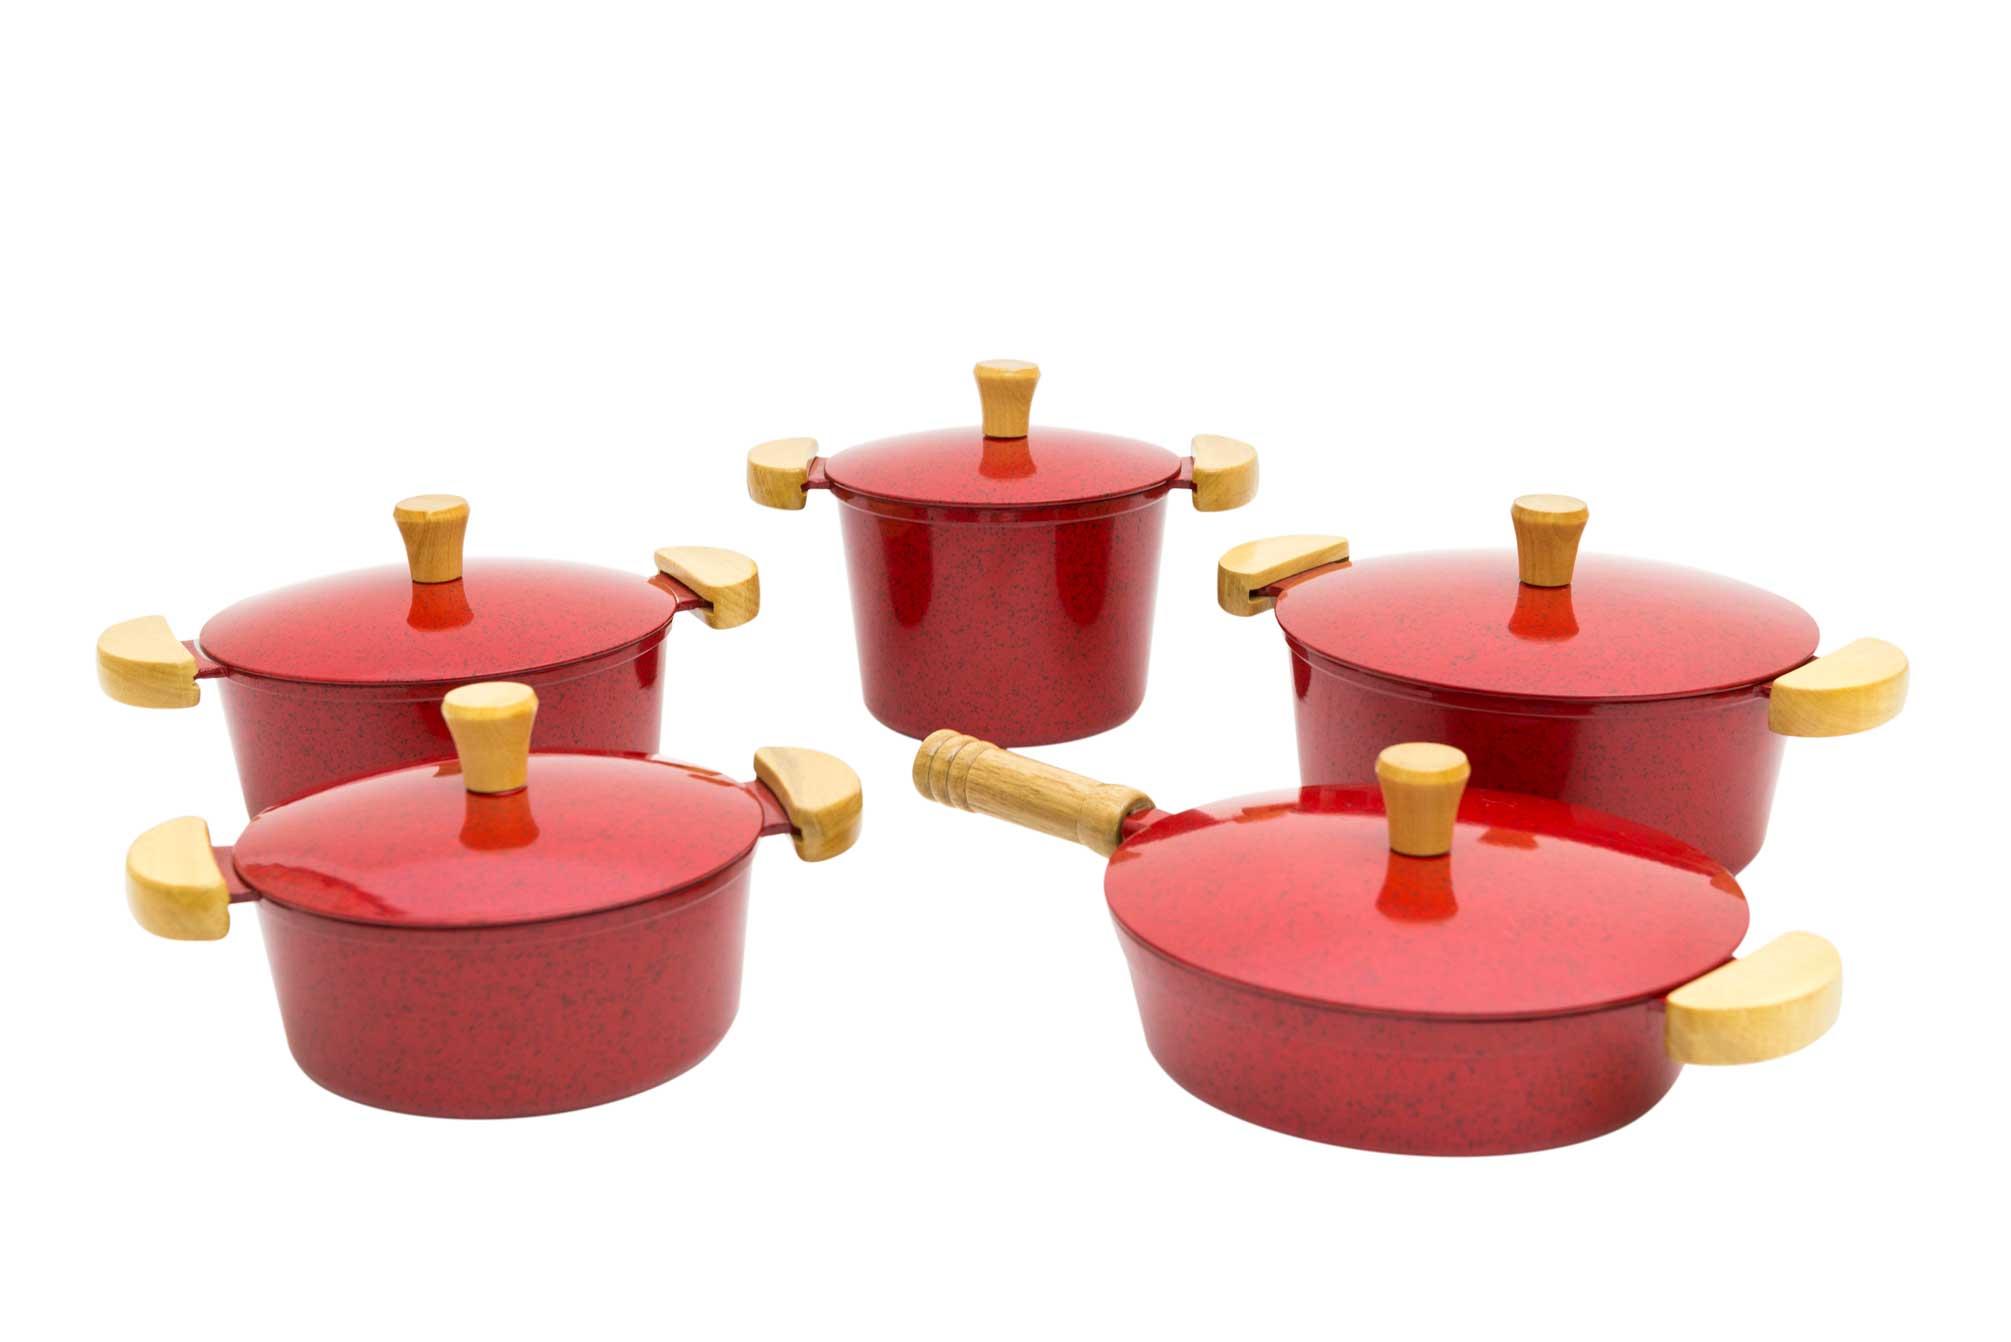 Jogo de Panelas em Alumínio Batido com Frigideira e Caldeirão - Vermelho Mesclado